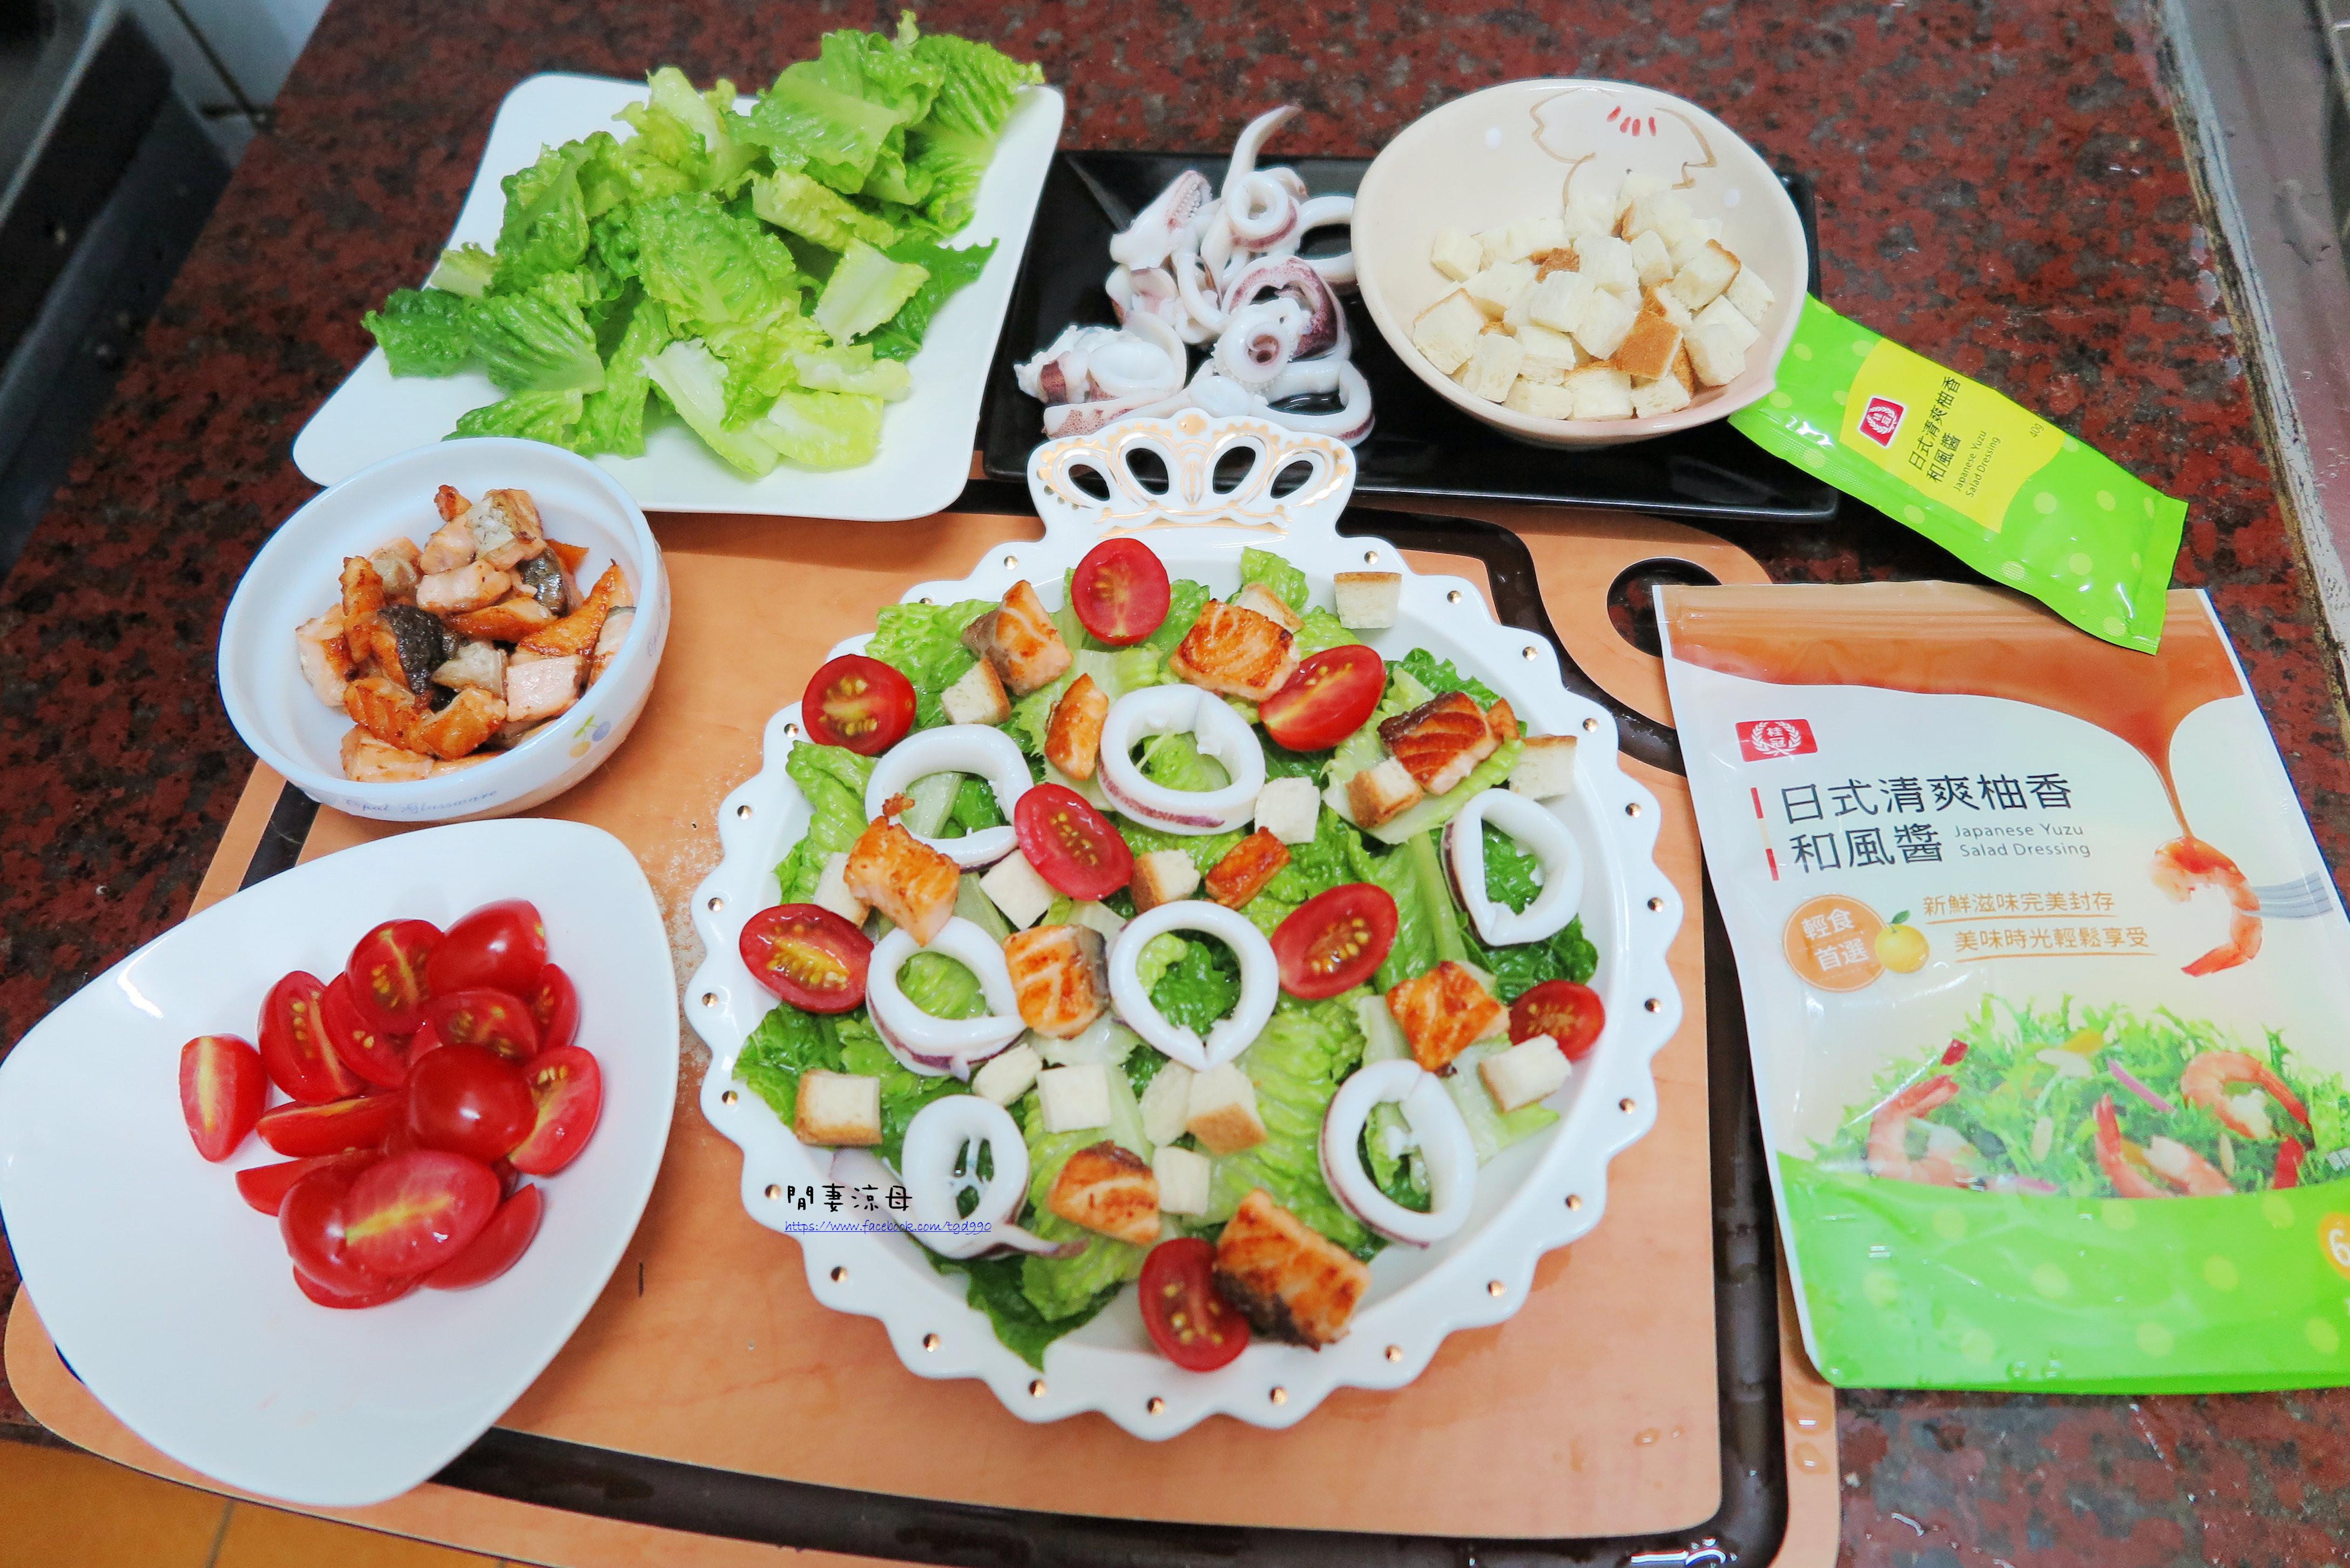 家庭必備之炎夏涼爽就醬拌-桂冠風味沙拉的第 16 張圖片